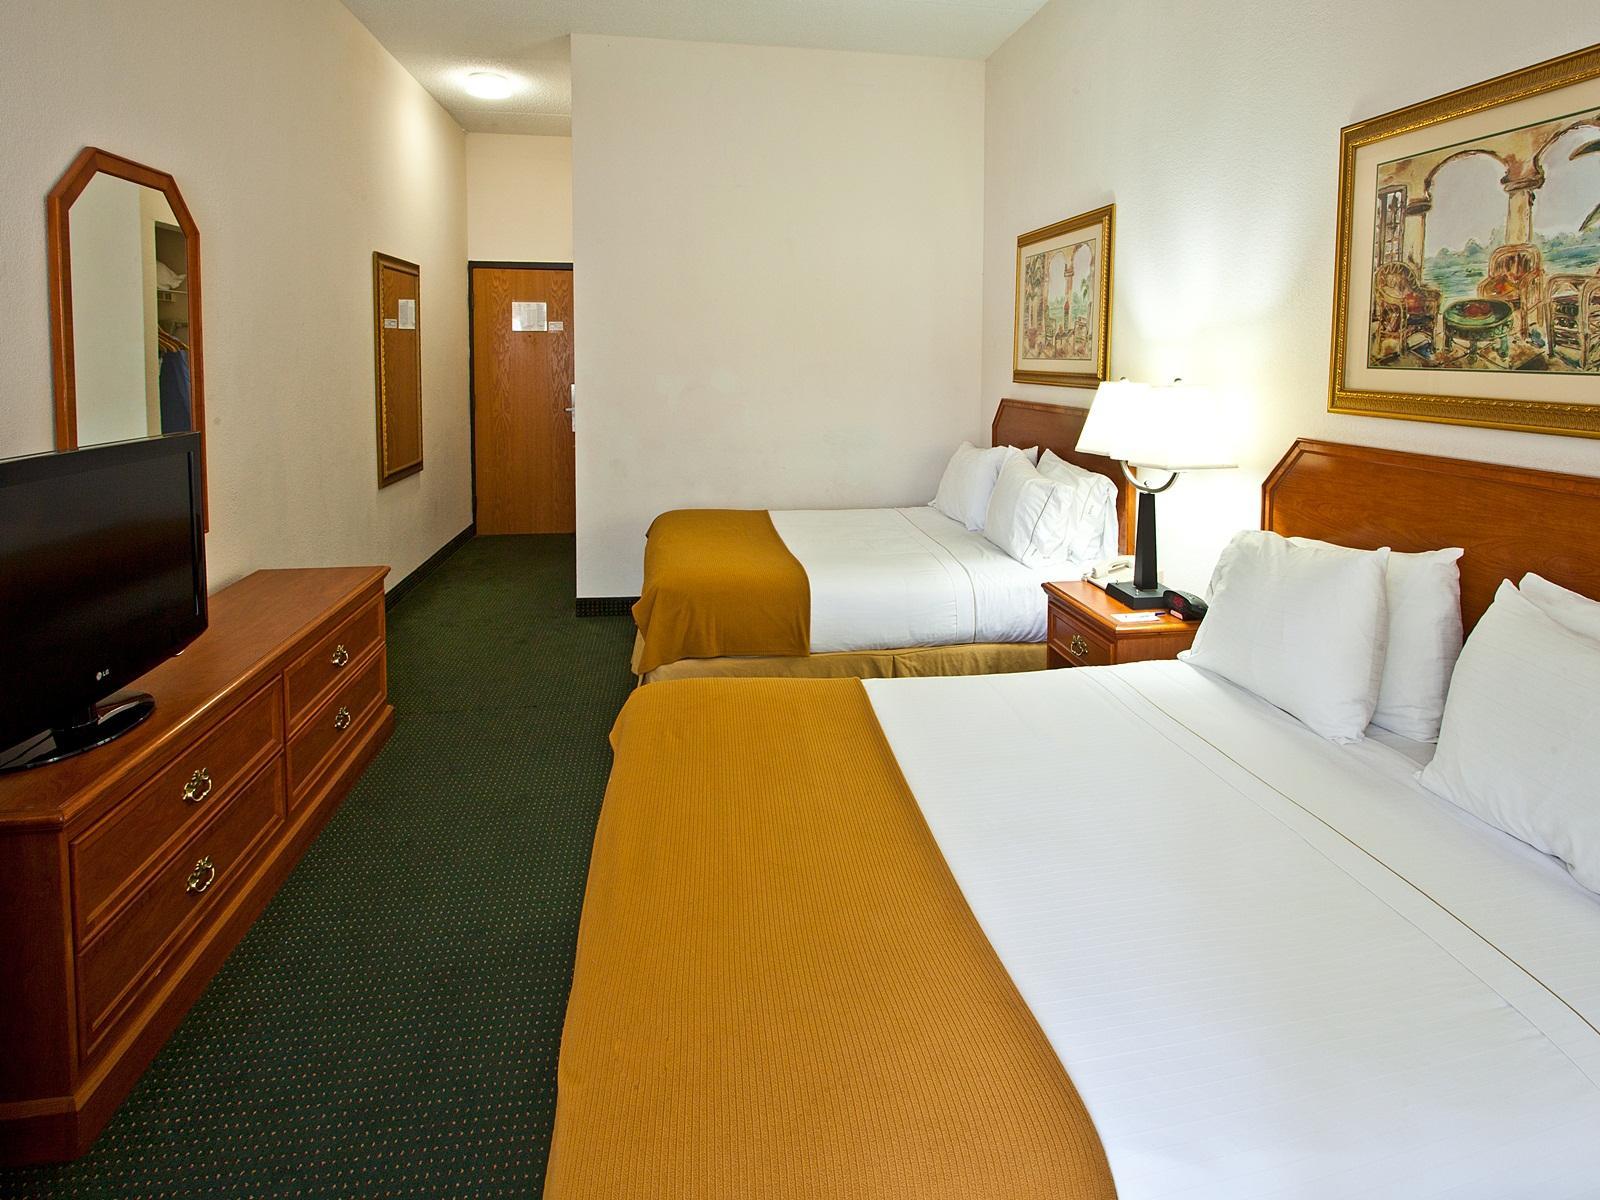 Holiday Inn Express Vero Beach West